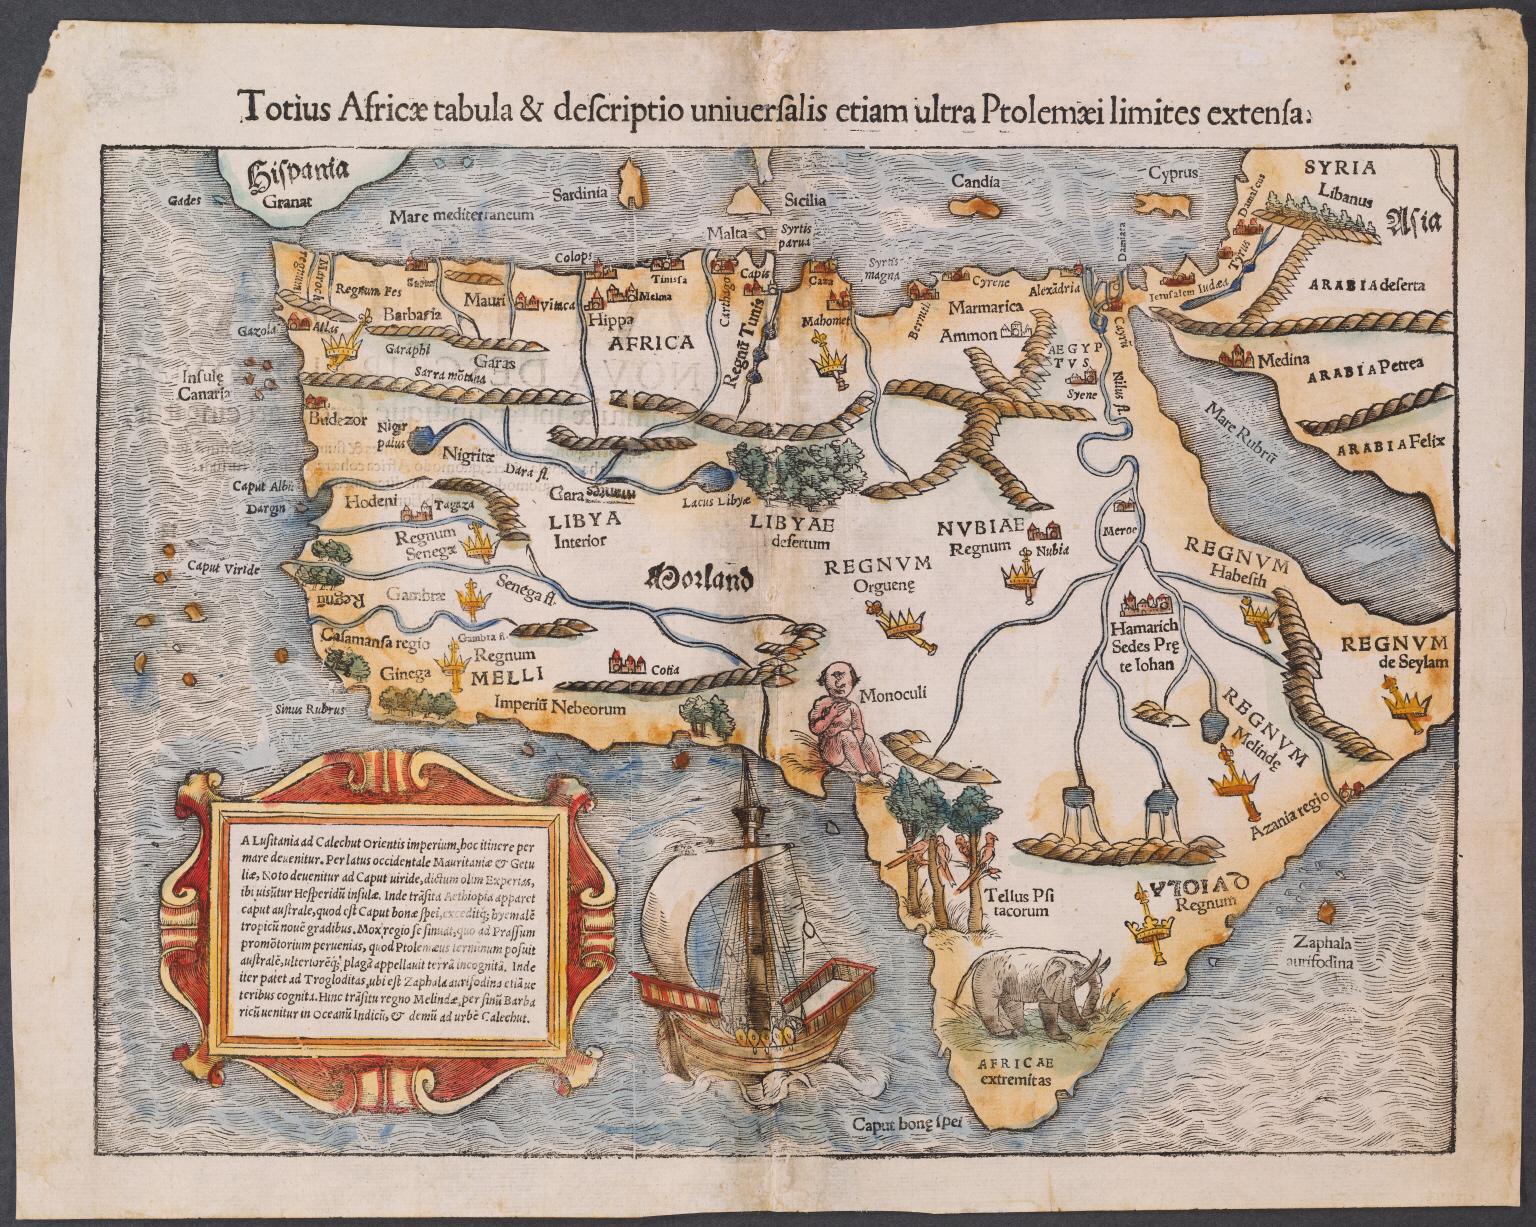 Totius Africae tabula et descriptio universalis etiam ultra Ptolemaei limites extensa.